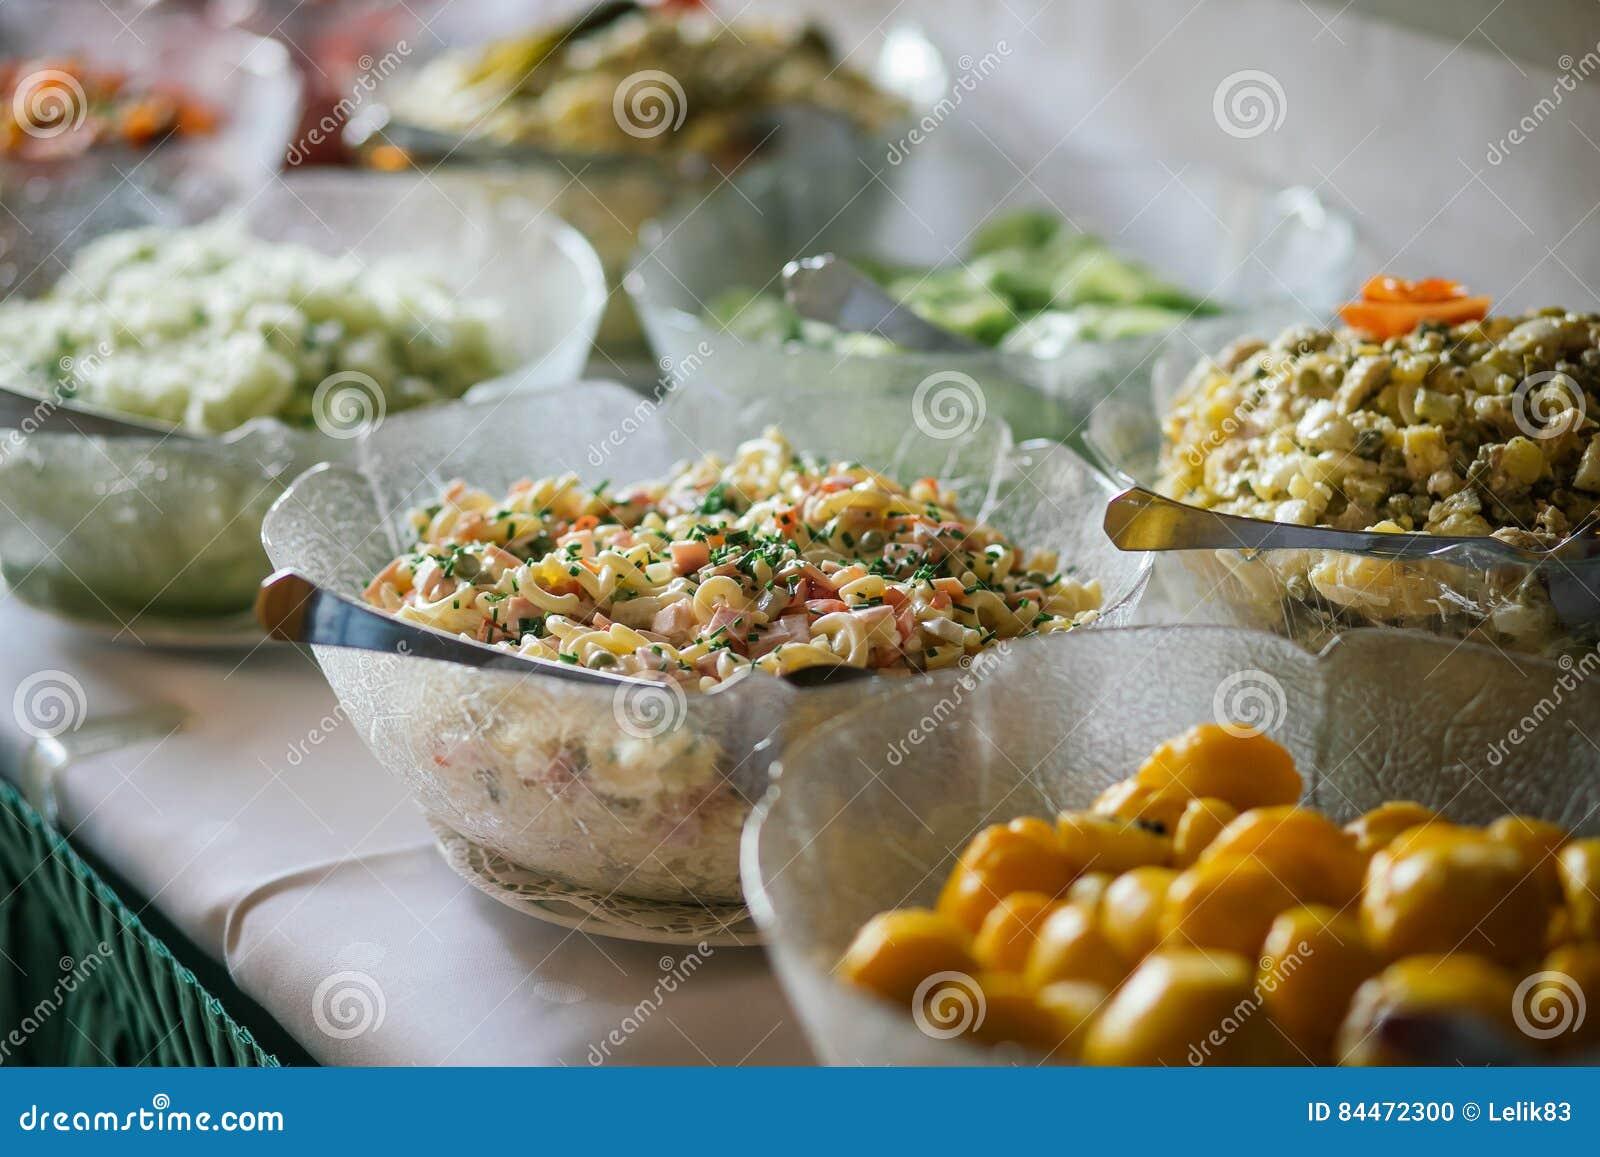 Verpflegungshochzeits-Lebensmittelbuffet